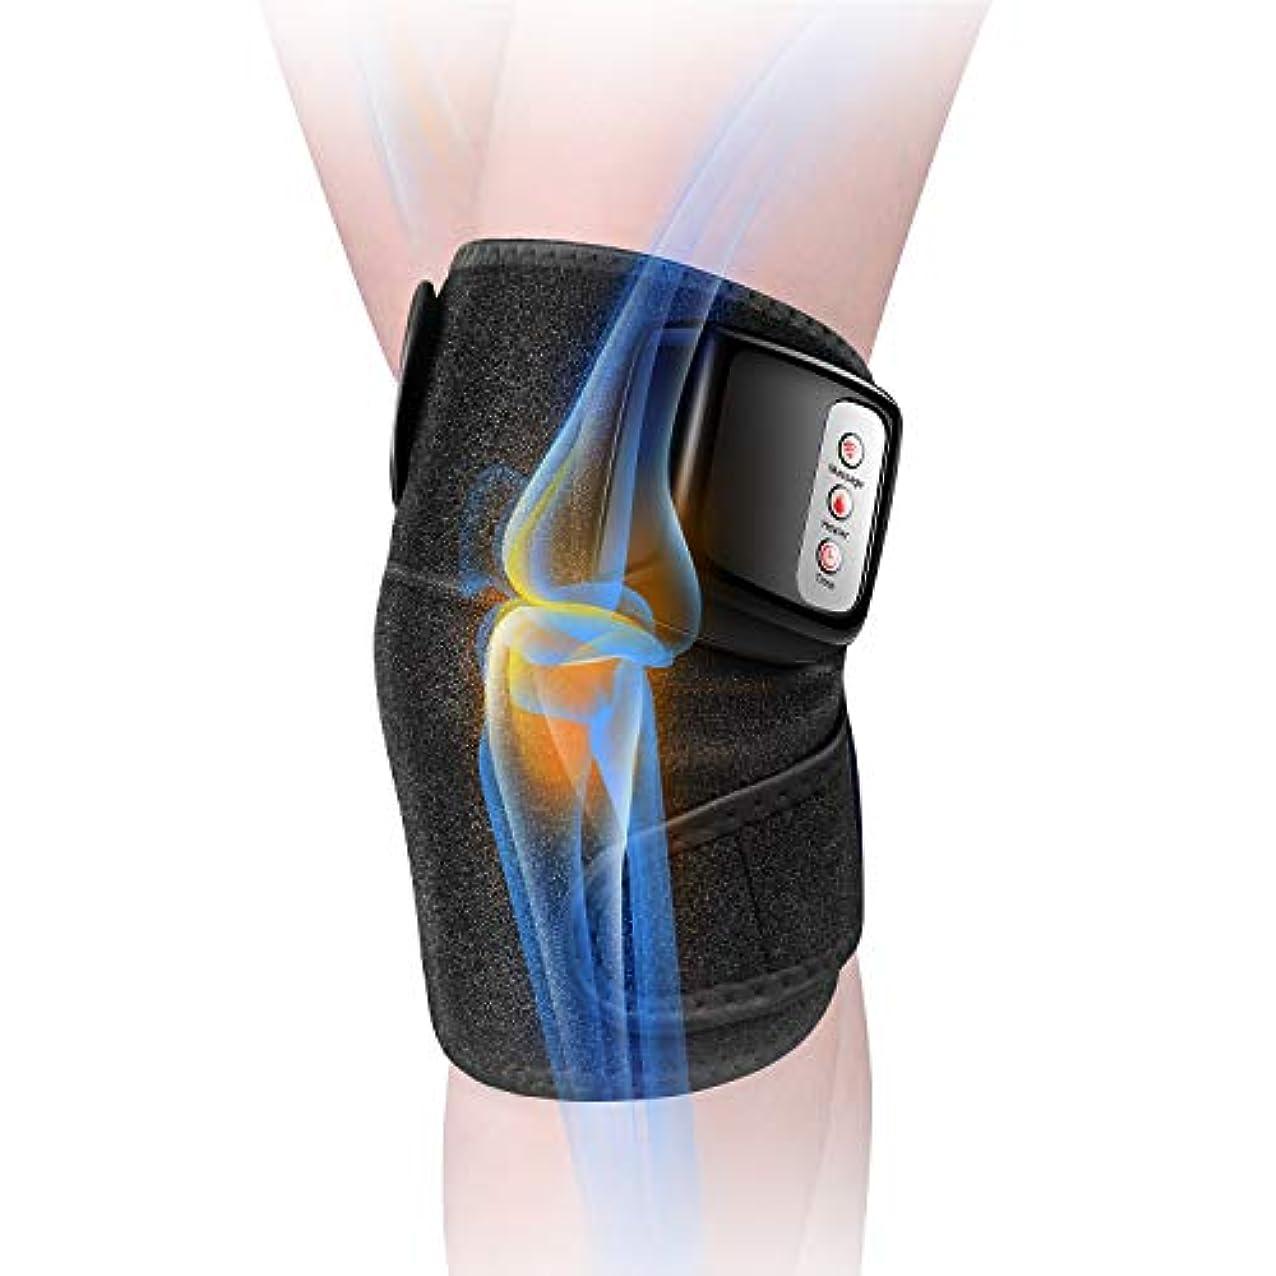 工業用学校の先生雇用者膝マッサージャー 関節マッサージャー マッサージ器 フットマッサージャー 振動 赤外線療法 温熱療法 膝サポーター ストレス解消 肩 太もも/腕対応